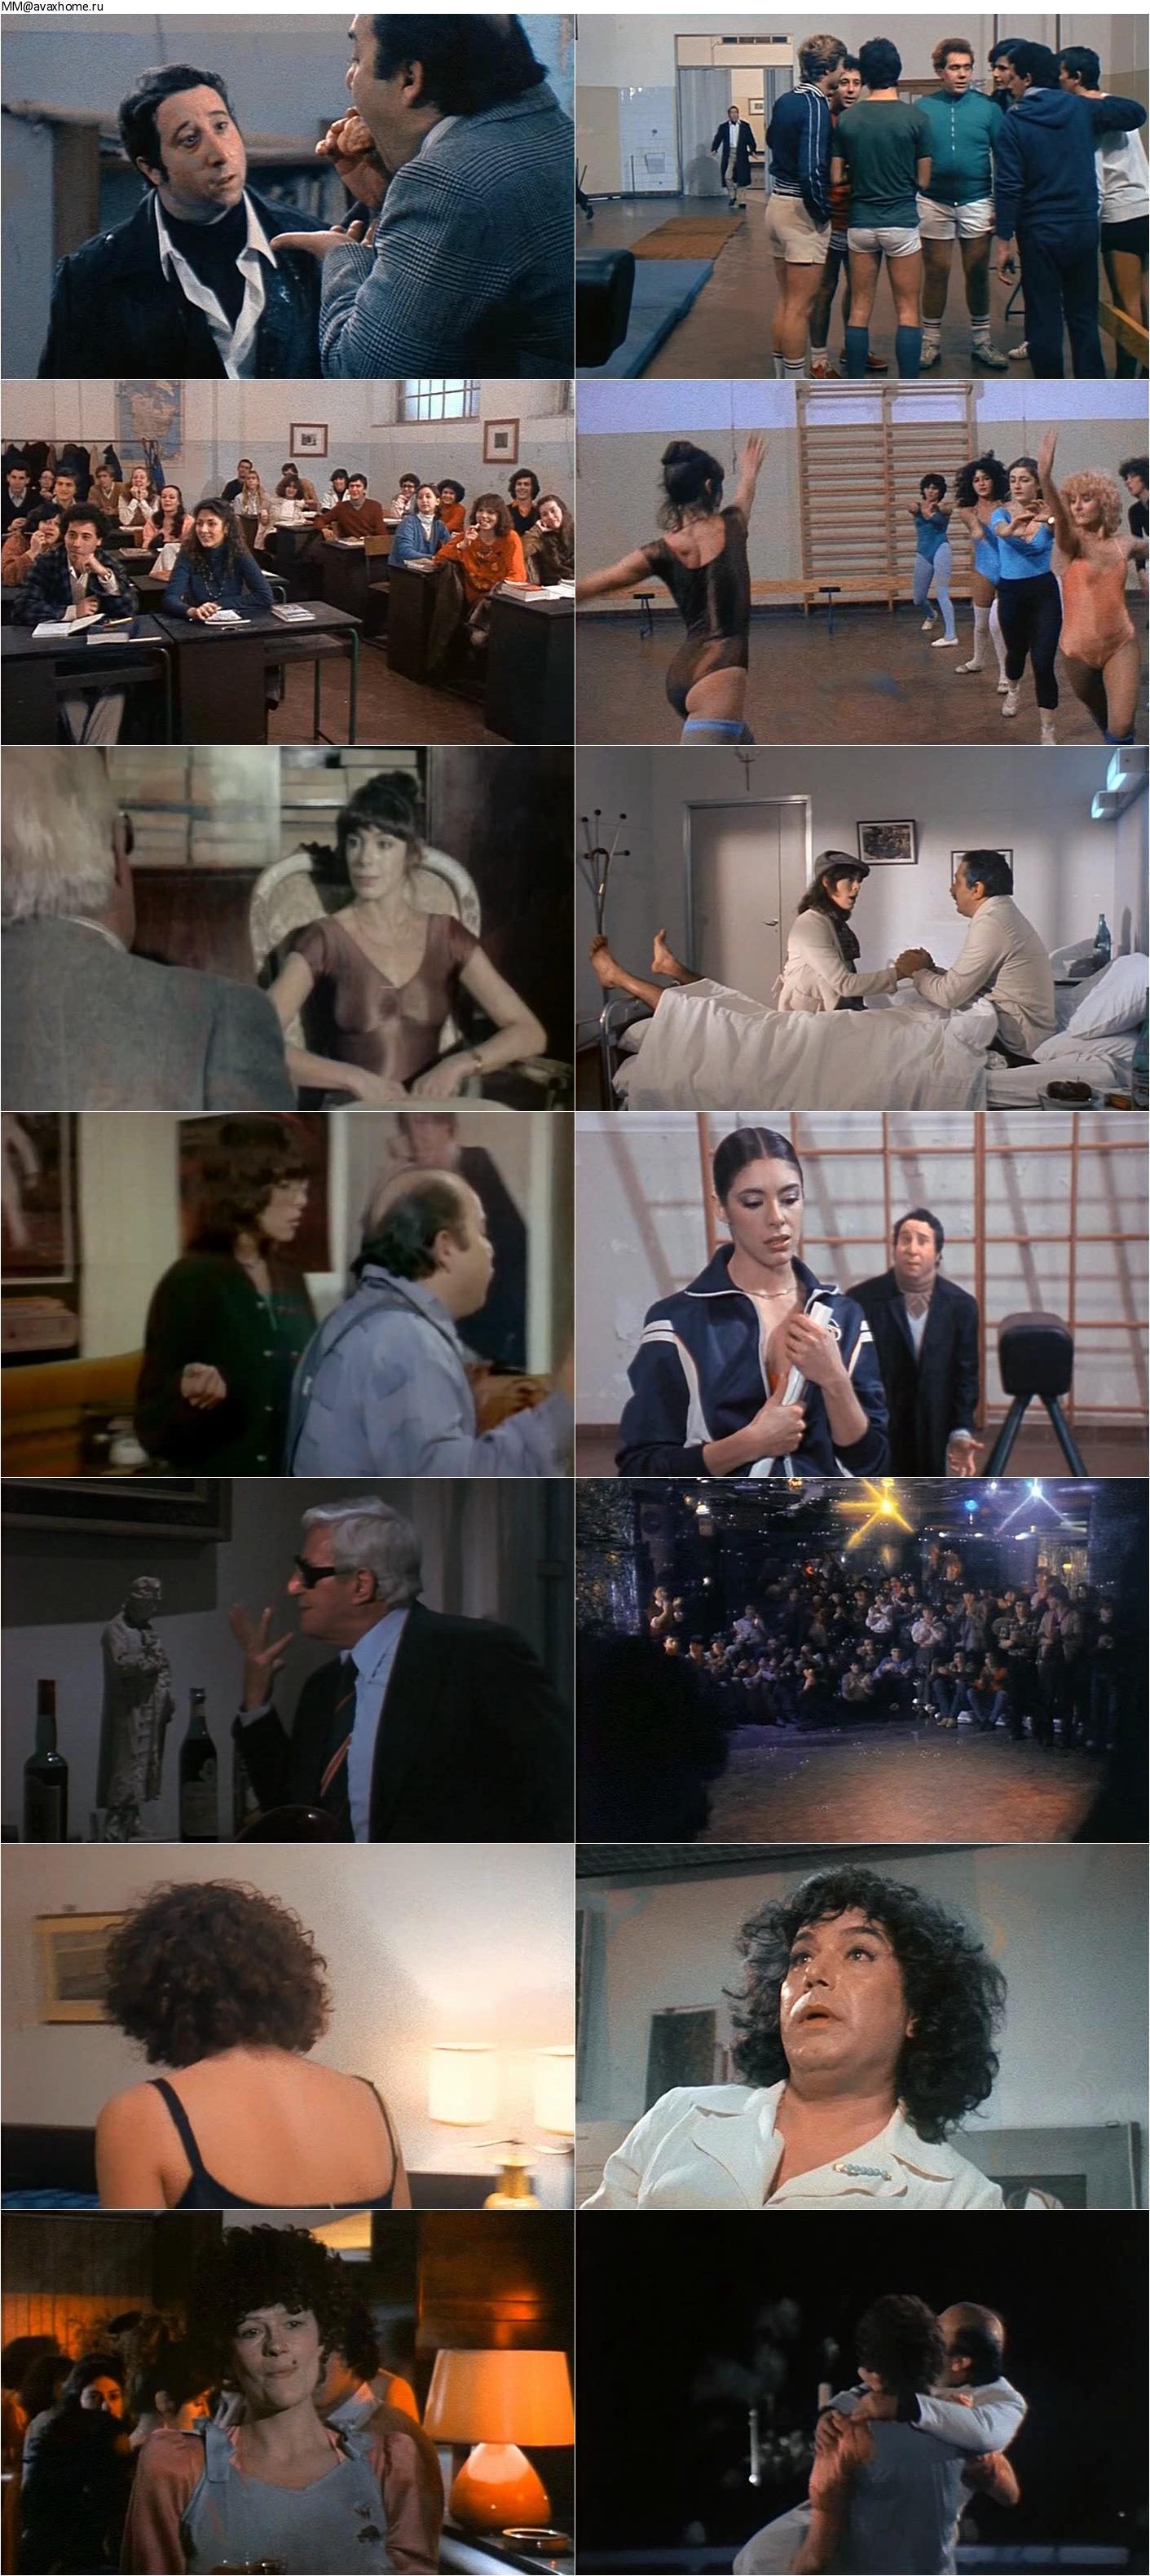 L'insegnante balla... con tutta la classe (1979) Flotte Teens und Sex nach Noten [Uncut]